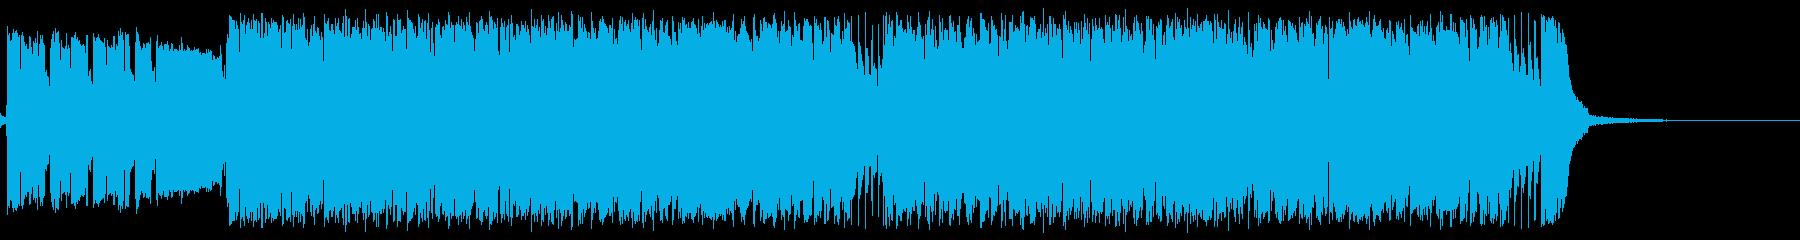 ざらざらした、ブルージーなギターロ...の再生済みの波形